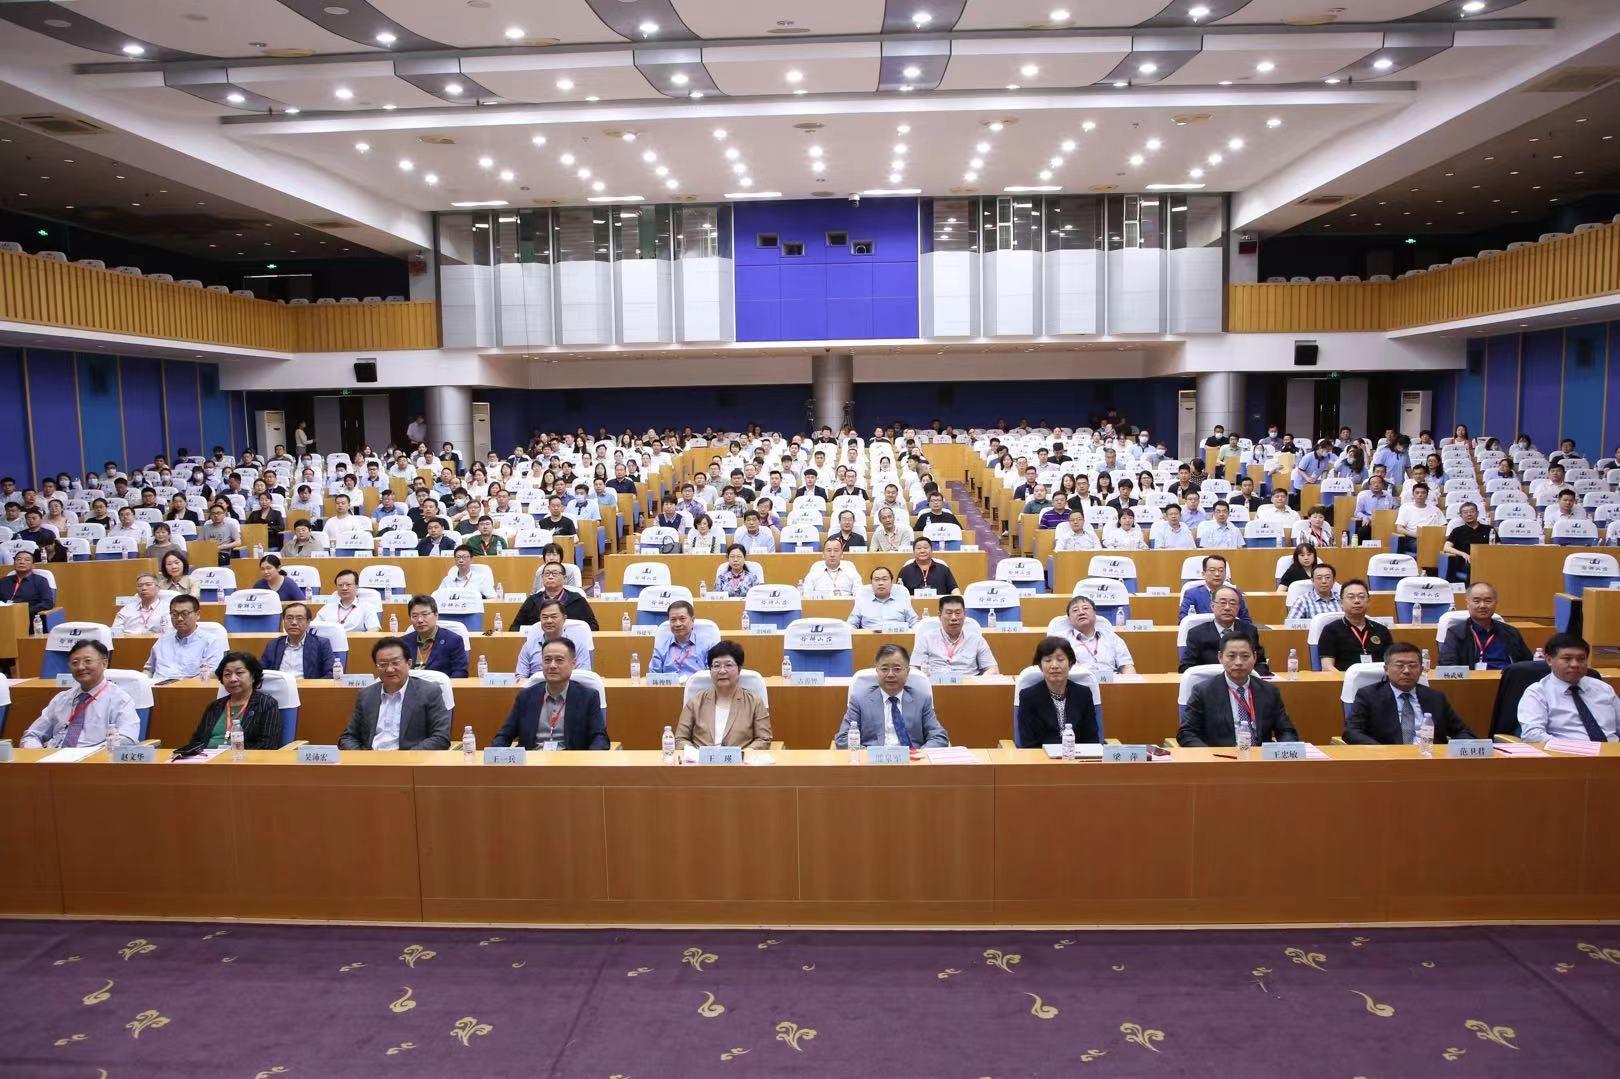 肿瘤中心承办第五届中国肿瘤消融论坛(CCTA)暨中国抗癌协会肿瘤消融治疗专业委员会2021年学术年会